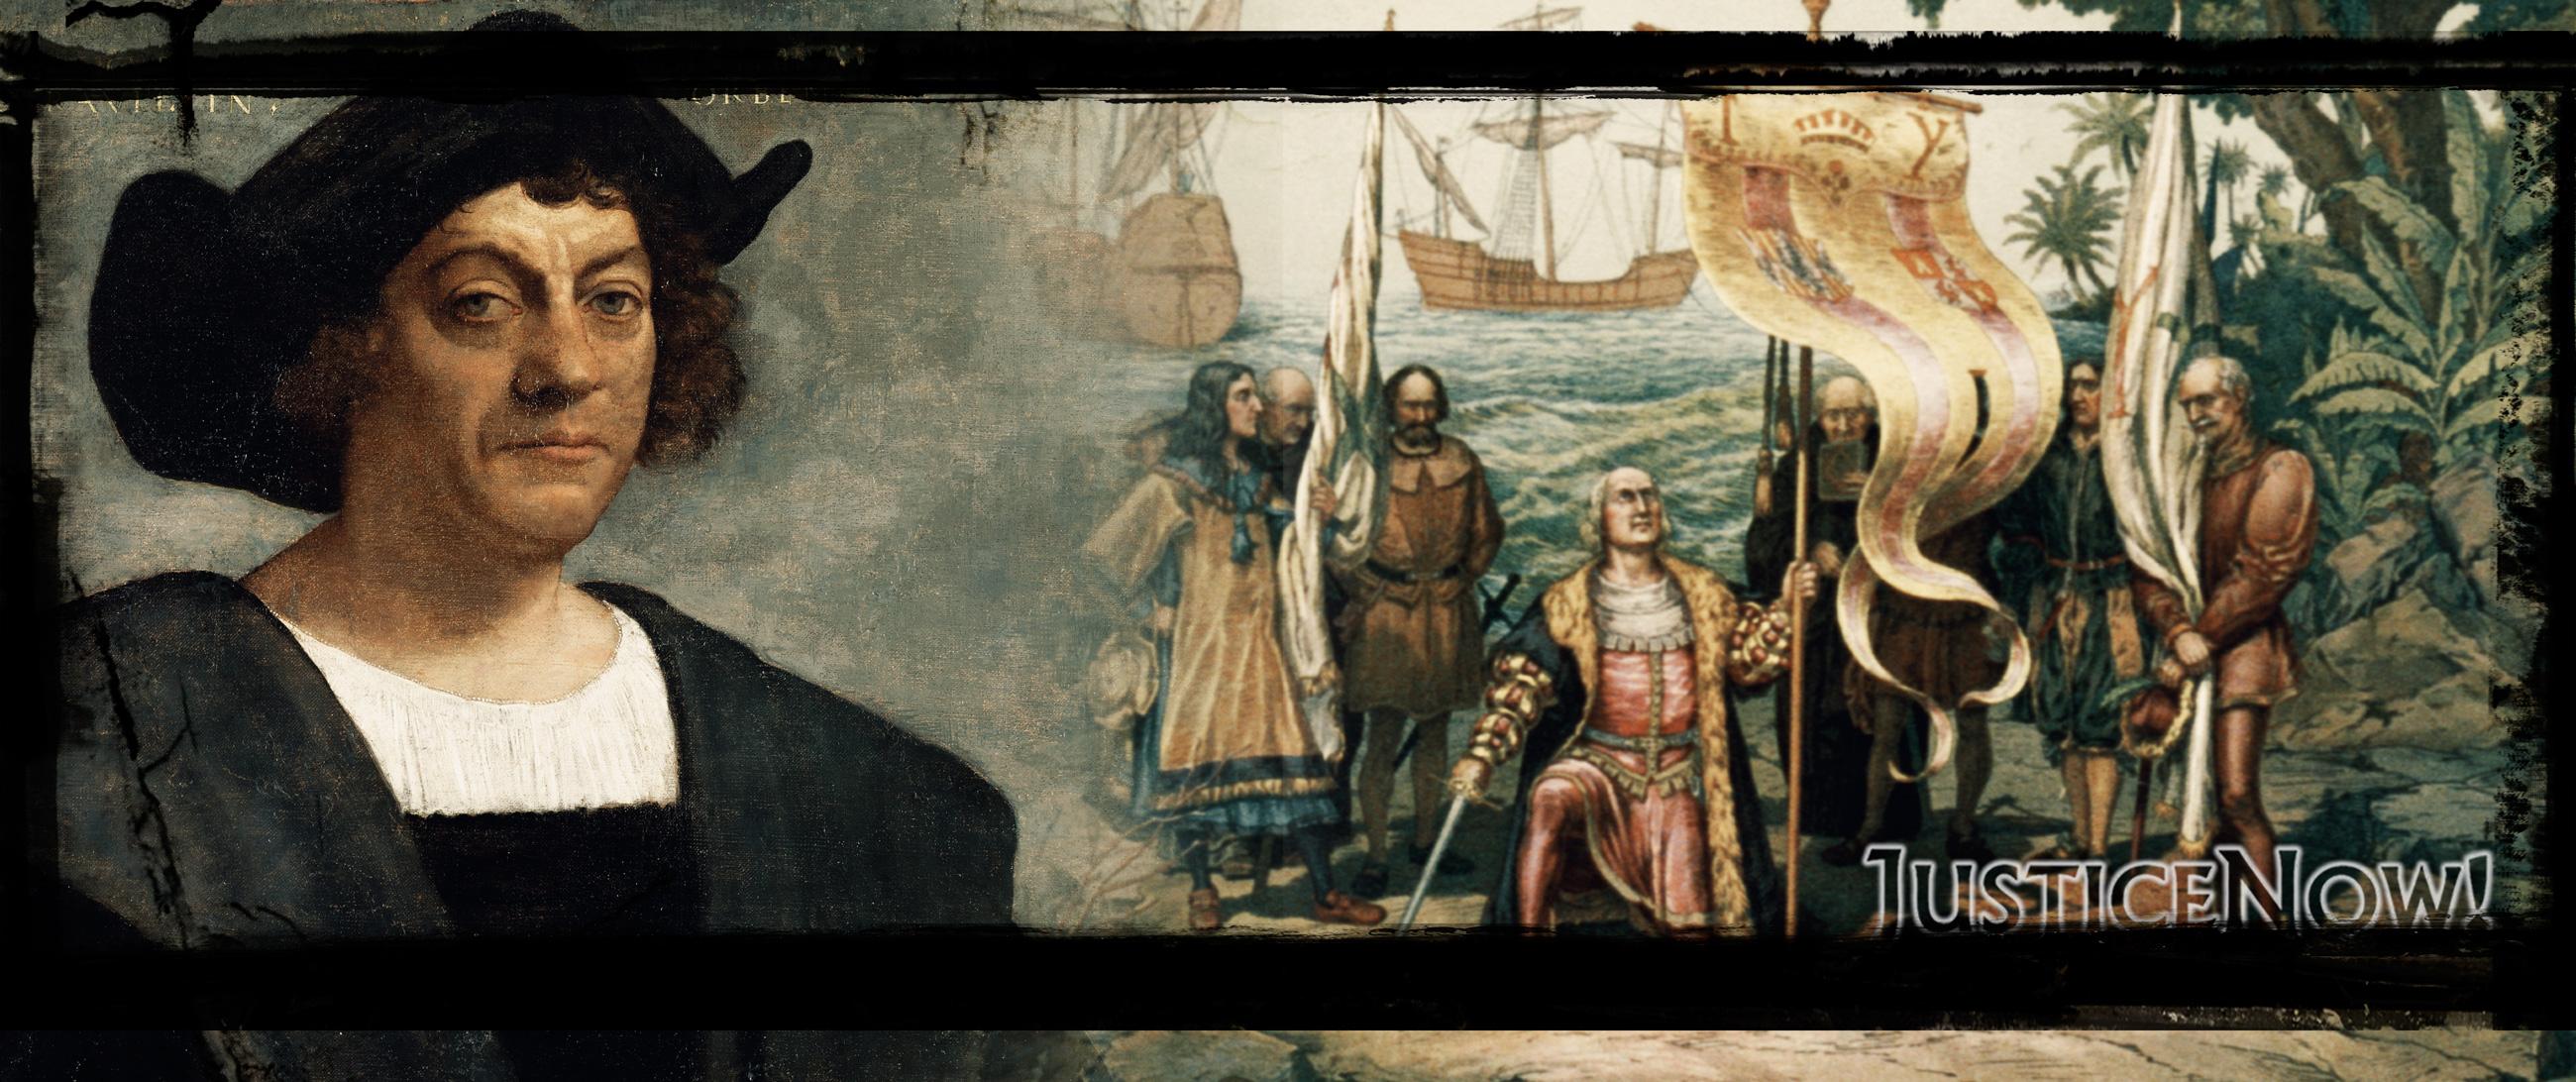 Der Kolumbus-Tag gehört endlich abgeschafft! <br>  <span id='sec-title'>Keine Zelebrierung von historischen Verbrechern</span>